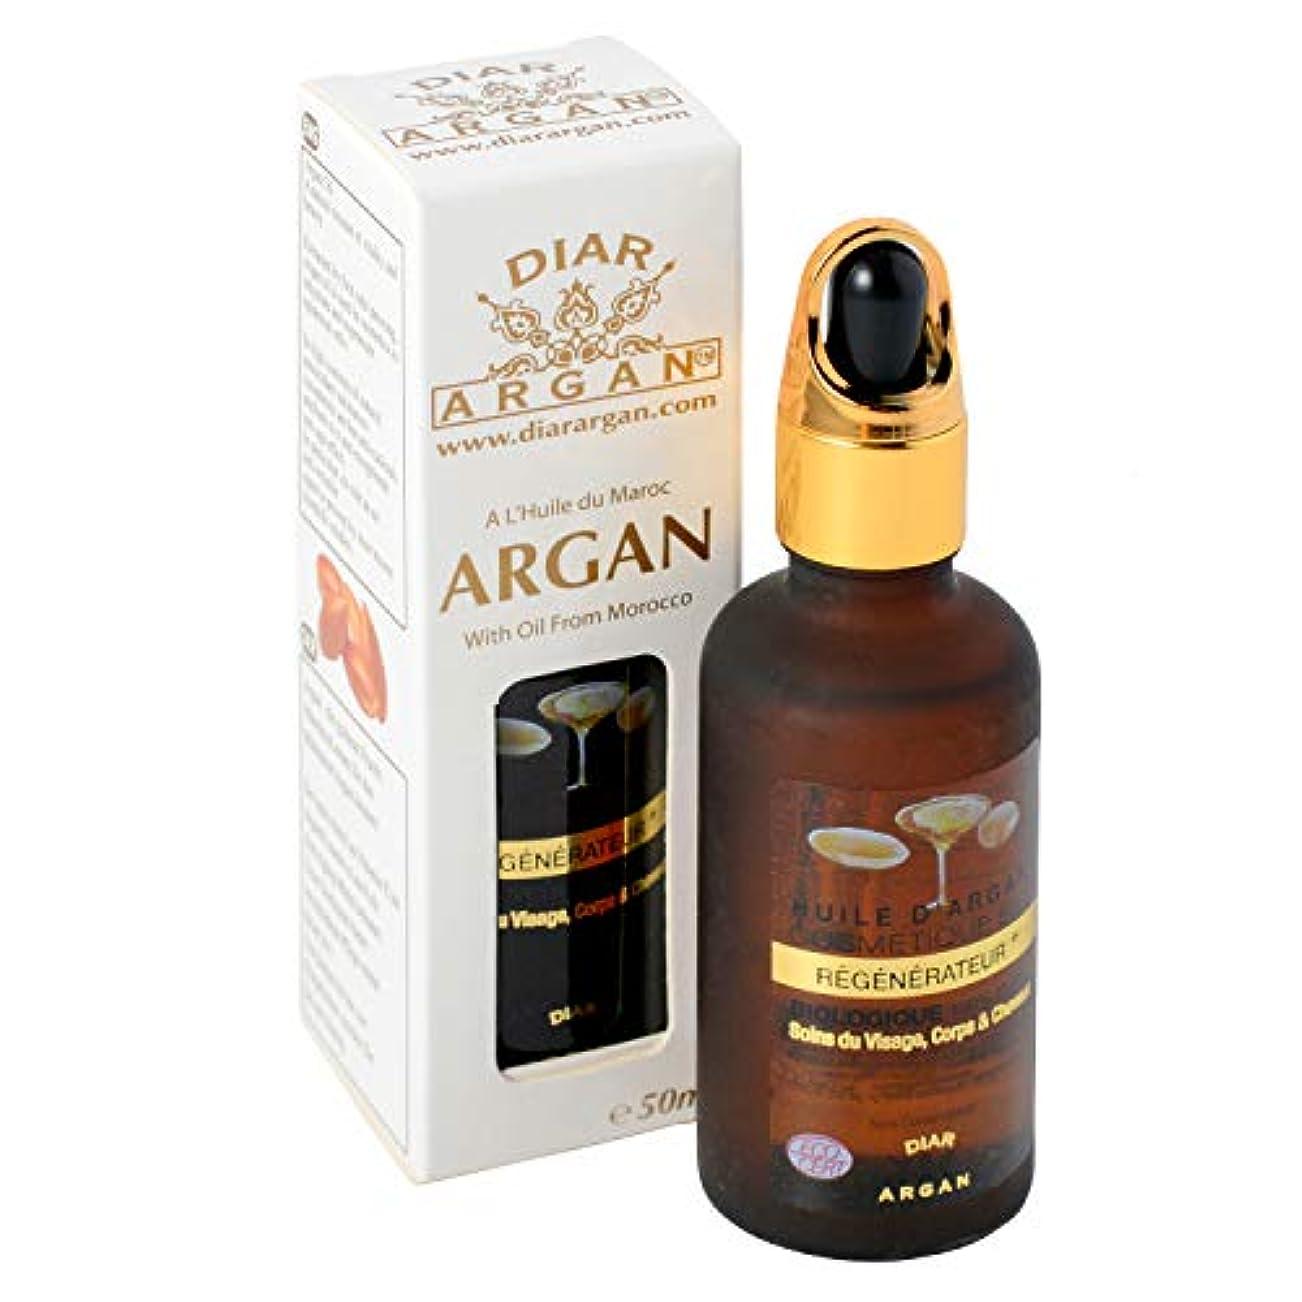 とても多くの成果専らアマゾン限定 Diar Argan オーガニック?アルガンオイル50ml エコサート認定